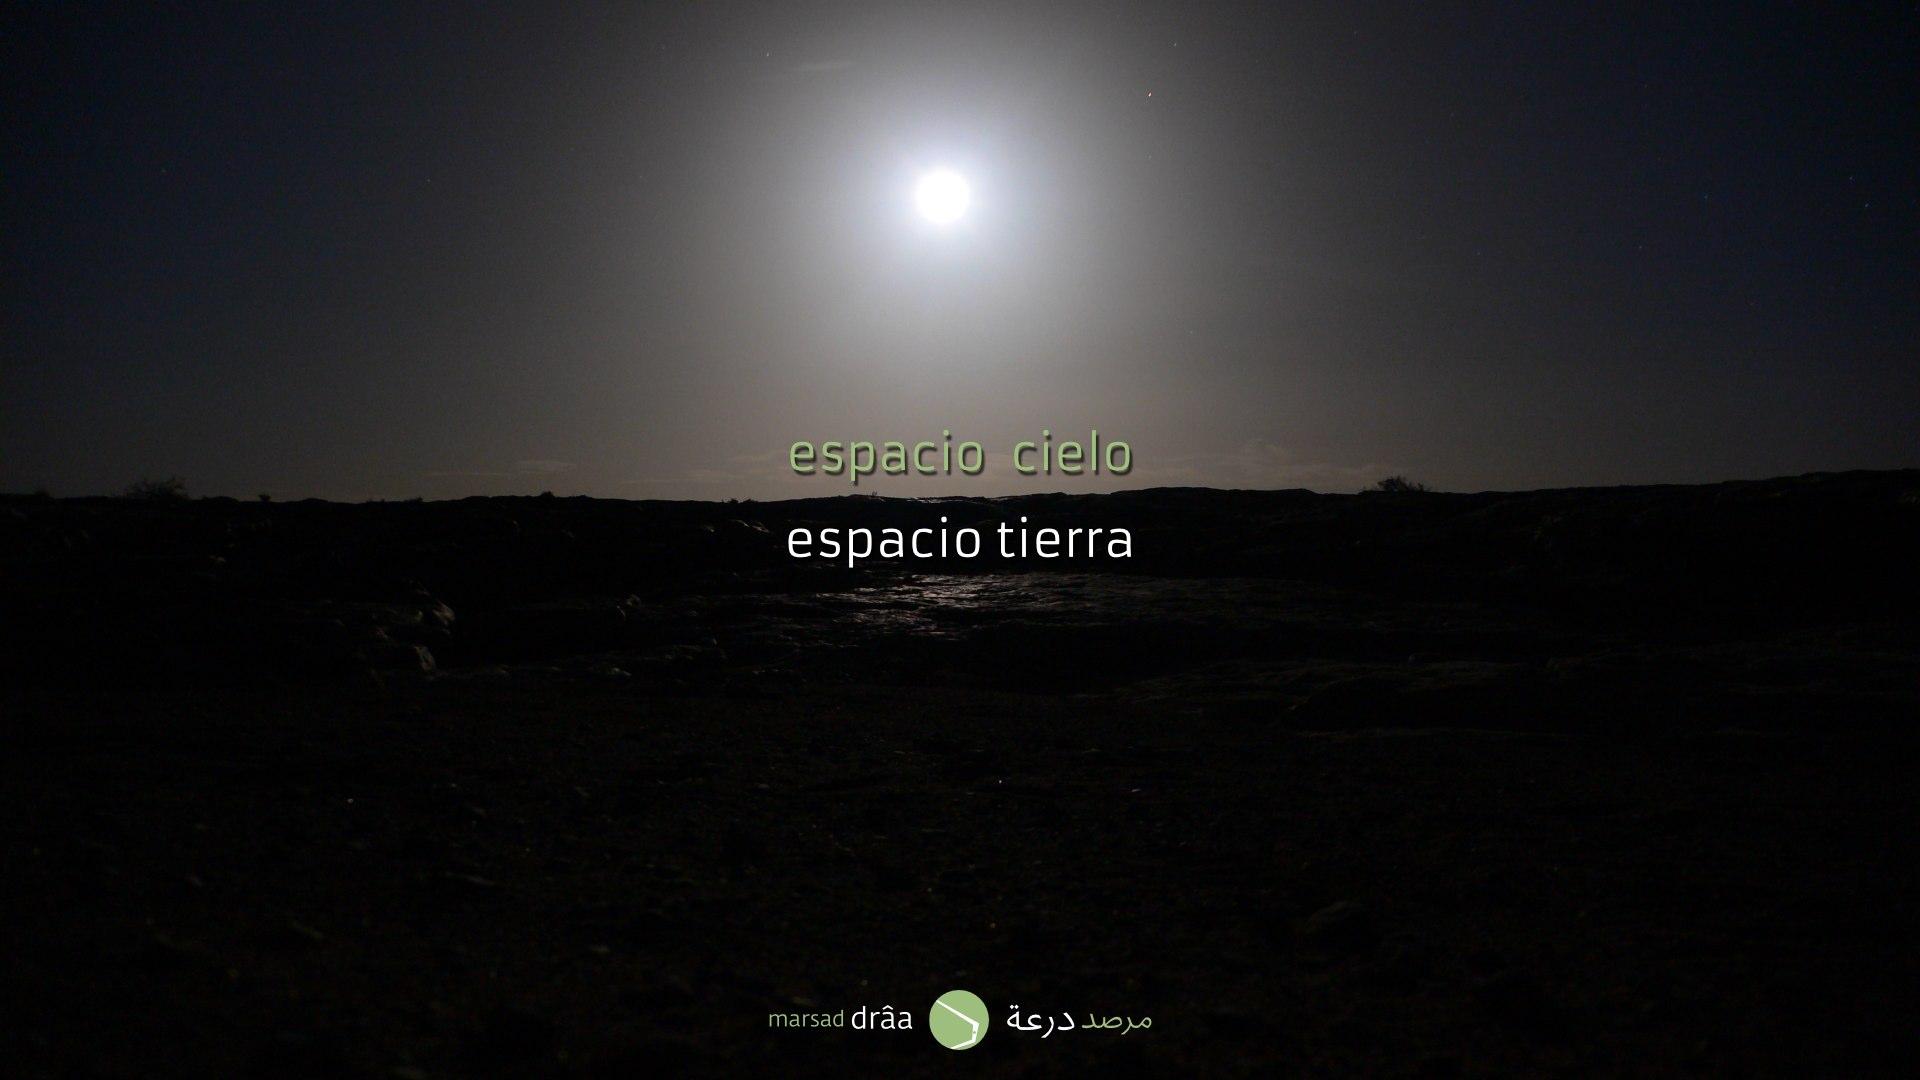 MARSAD DRAA-CURSO VERANO ADEJE 25 JUL 2014 .104.jpg